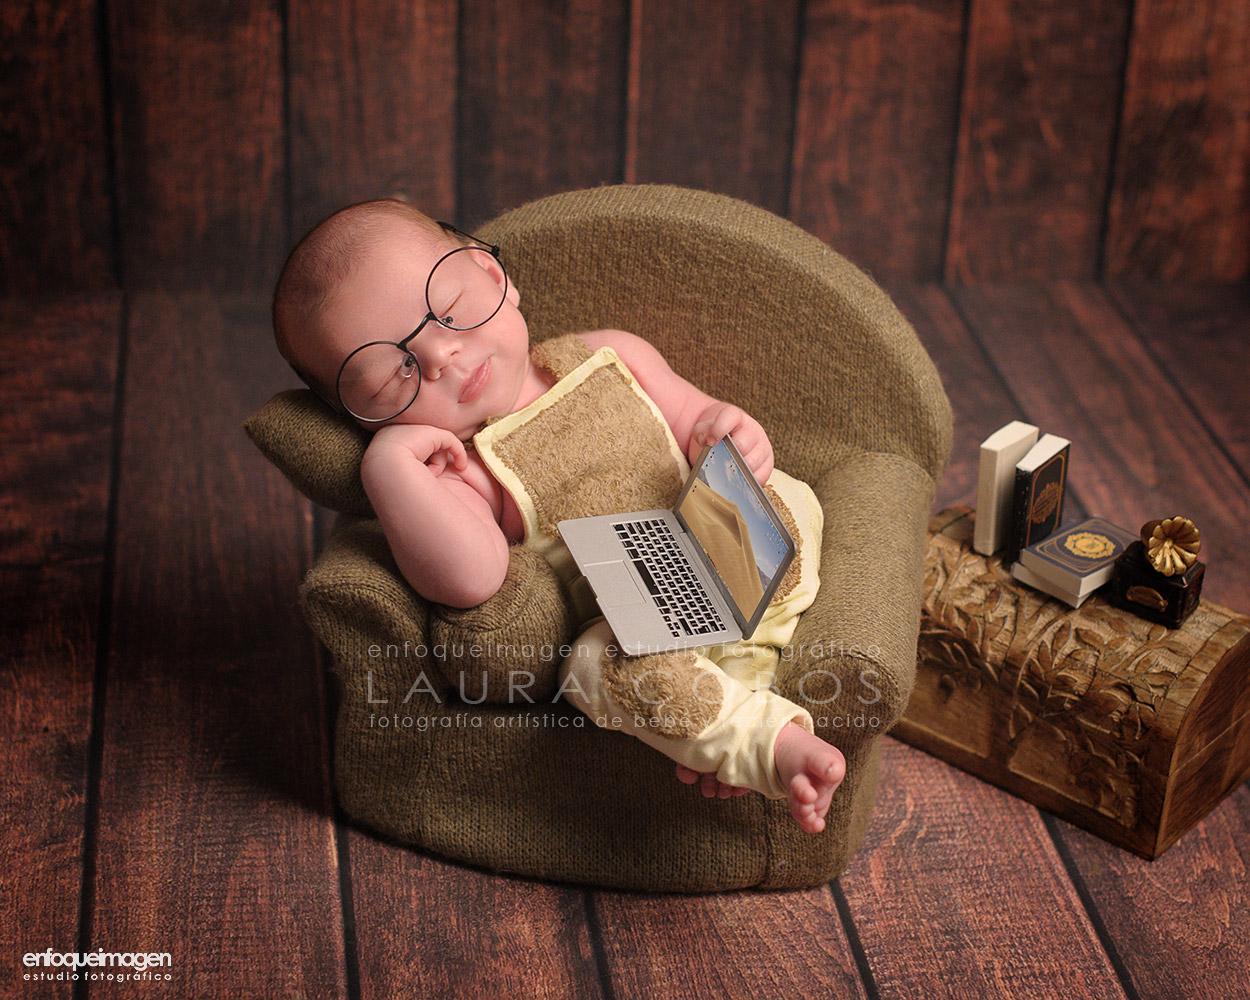 fotografía artística de bebé recién nacido, fotografía creativa de recién nacido, fotografía infantil, estudio fotográfico, enfoqueimagen, laura cobos